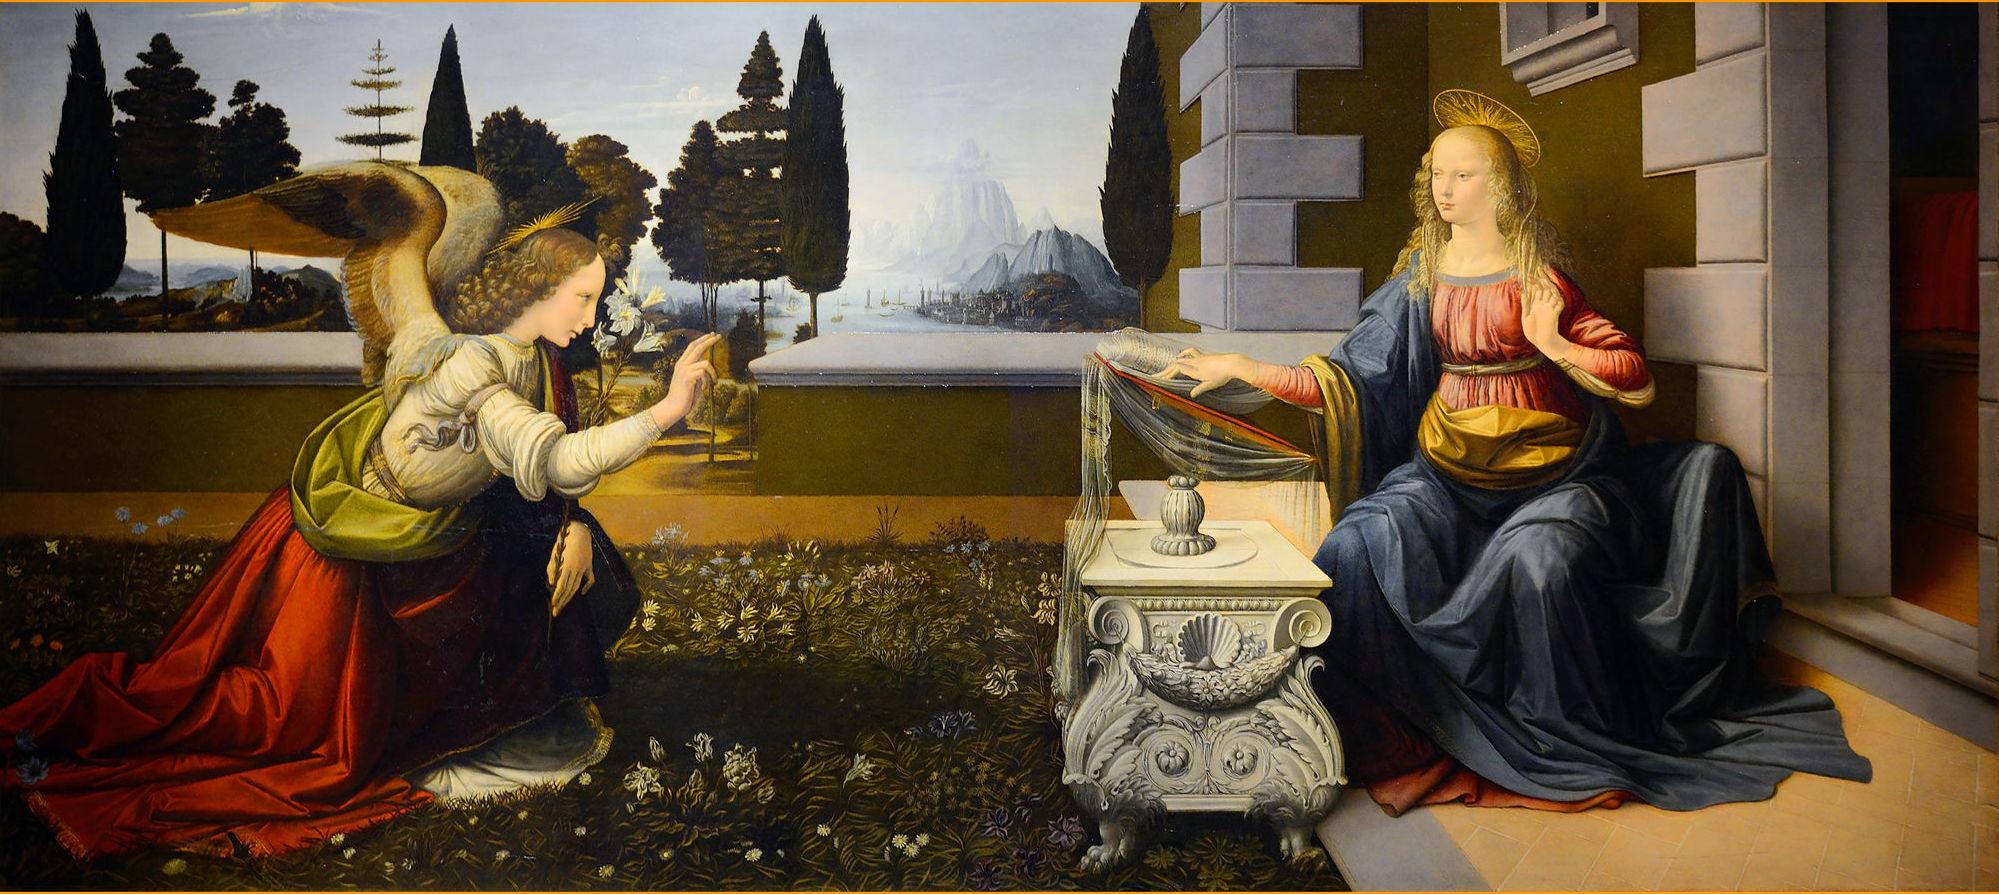 Annunciazione - Galleria degli Uffizi di Firenze